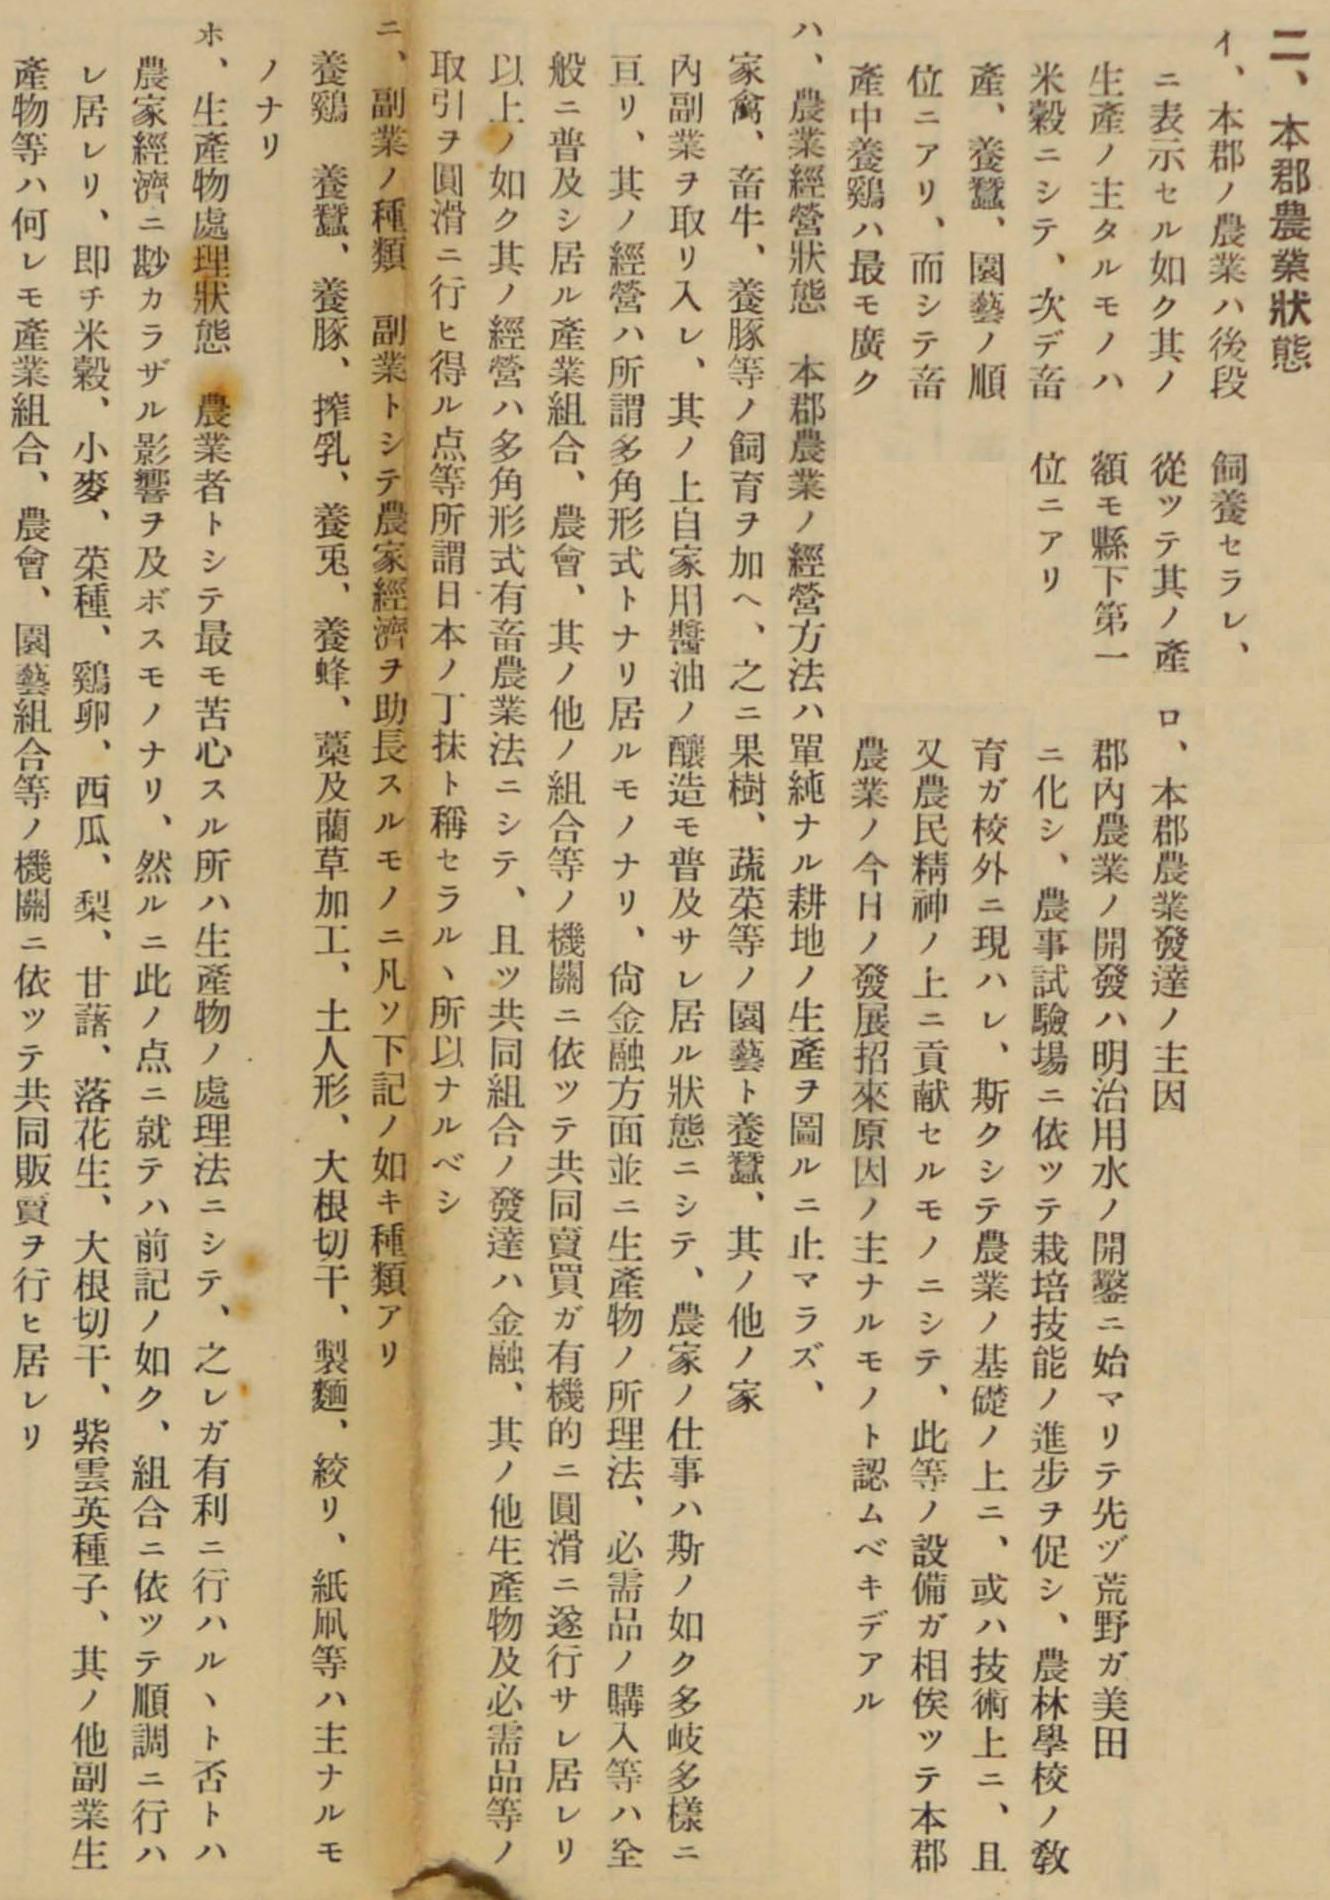 2-1.本郡農業状態 1330-1900